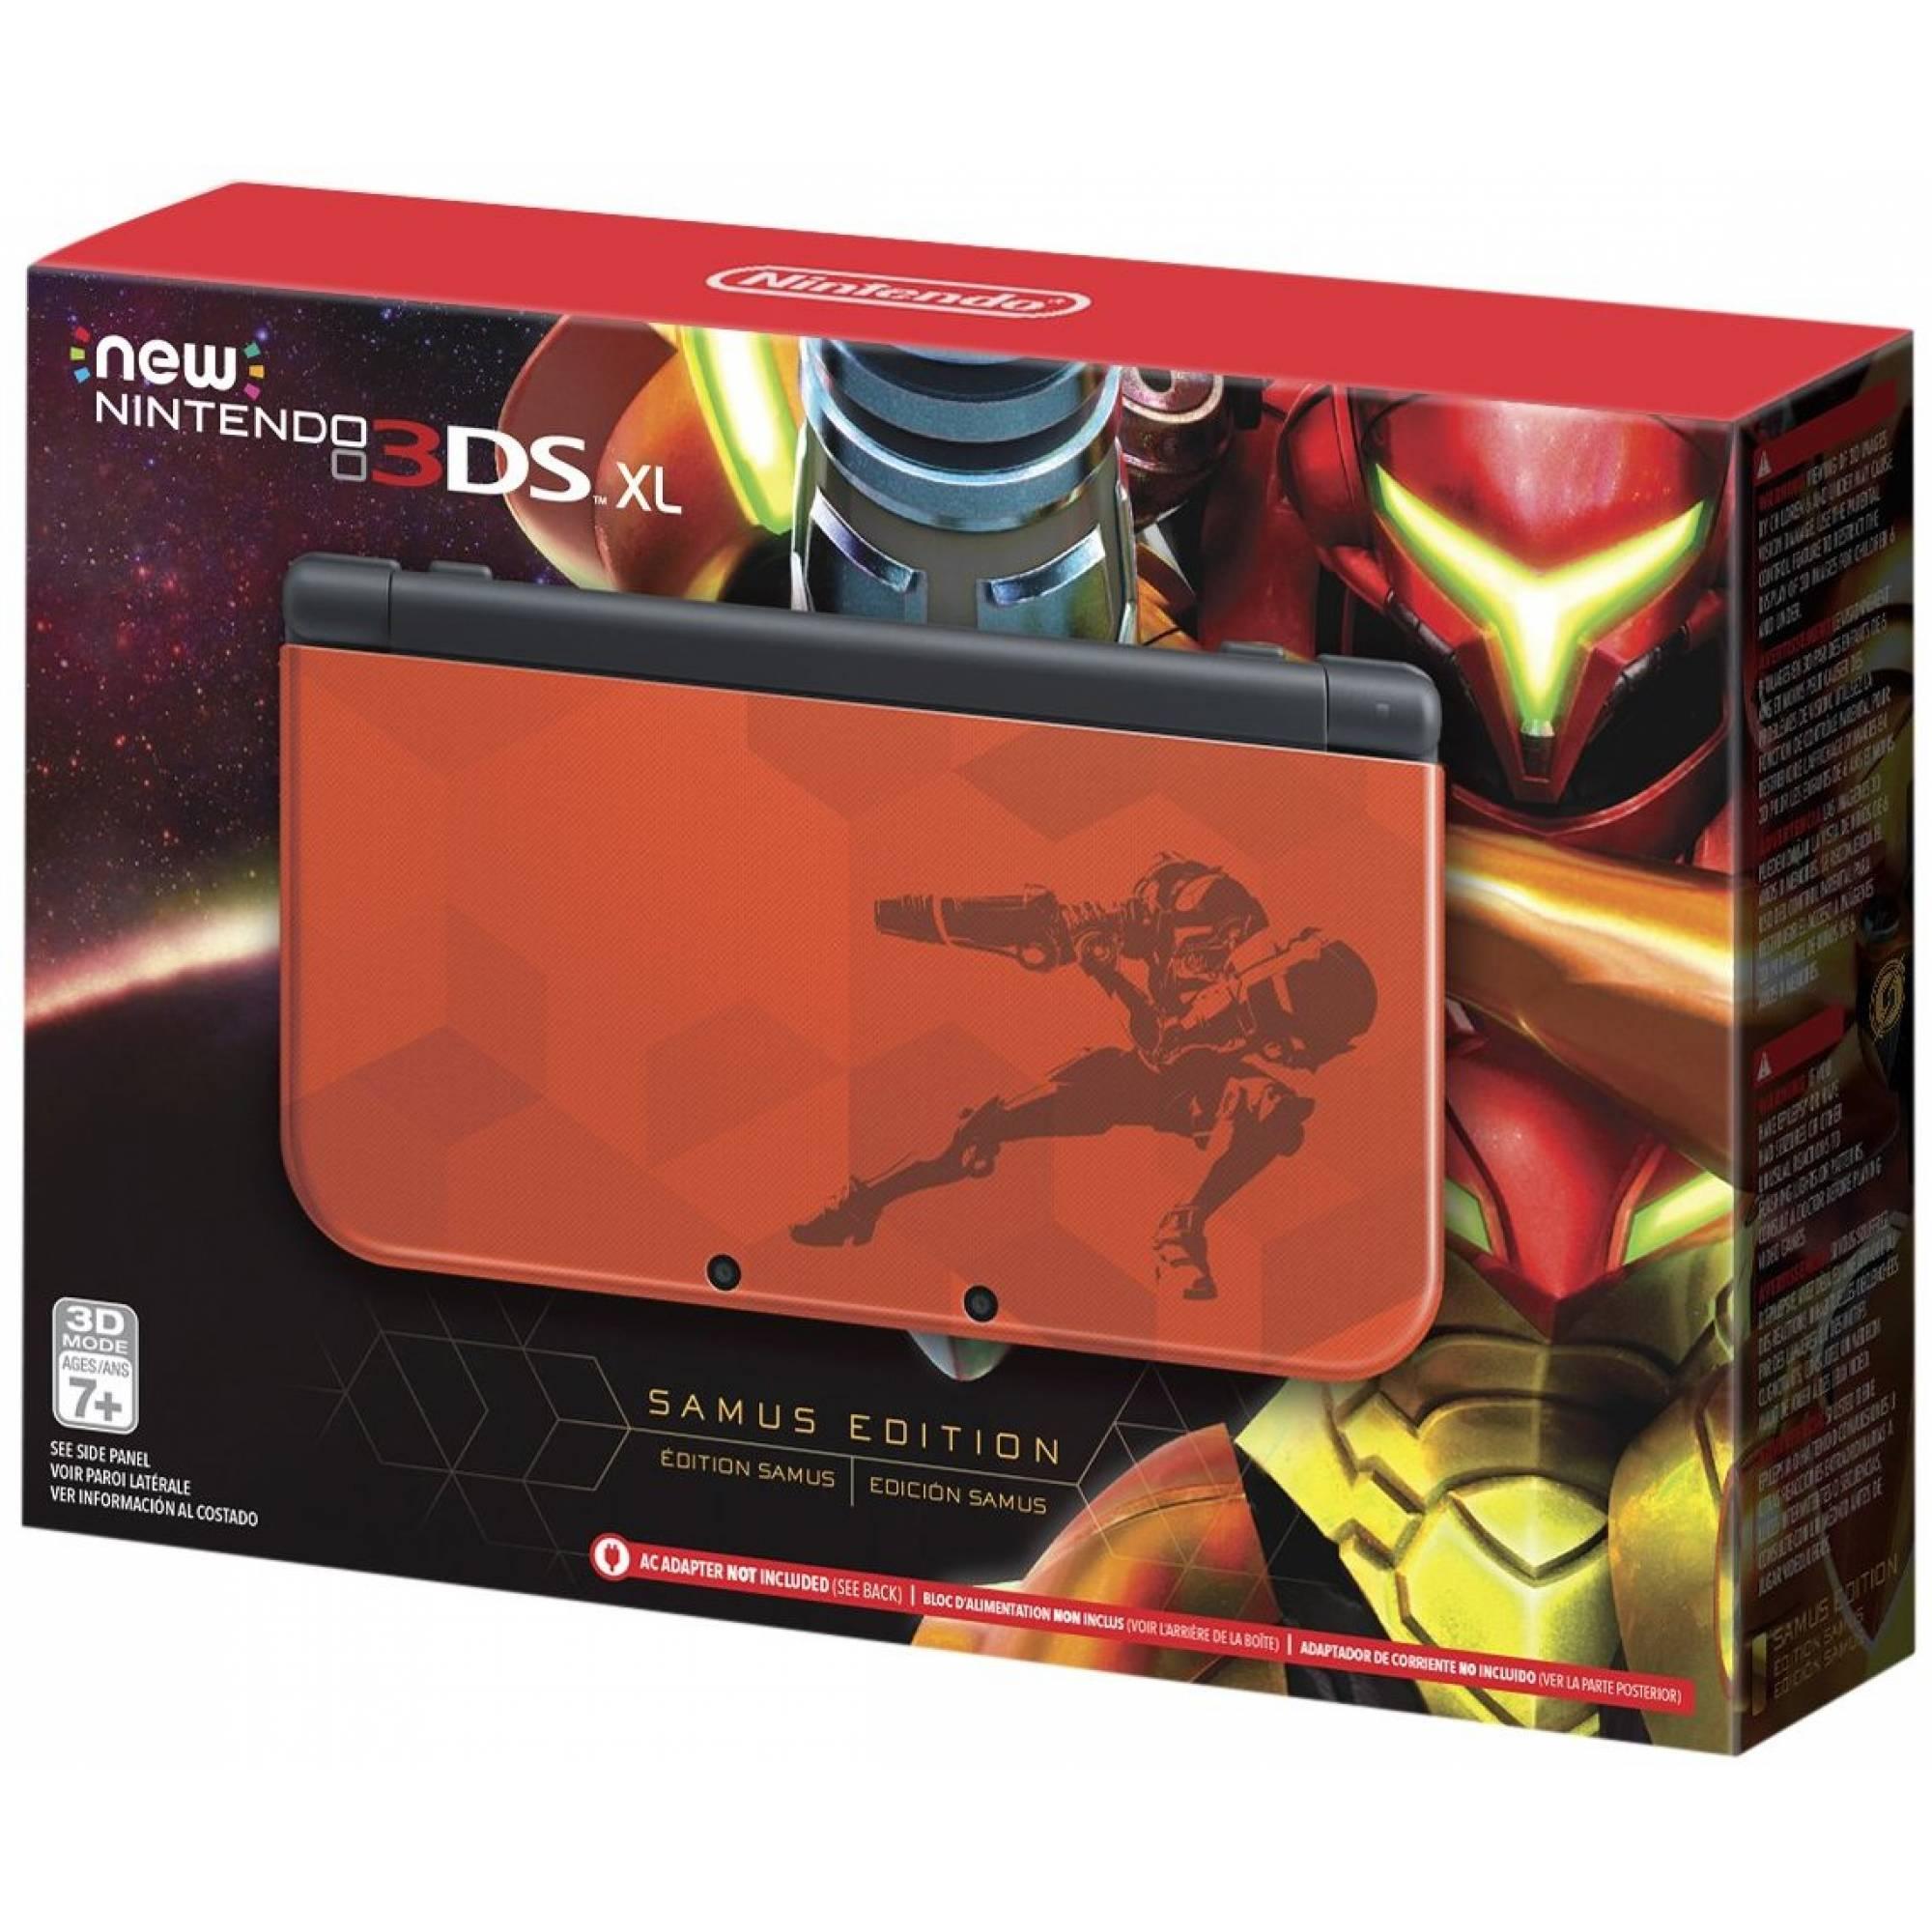 New Nintendo 3Ds XL Edição Samus + Carregador Original Nintendo + 30 Jogos 3D na Memória